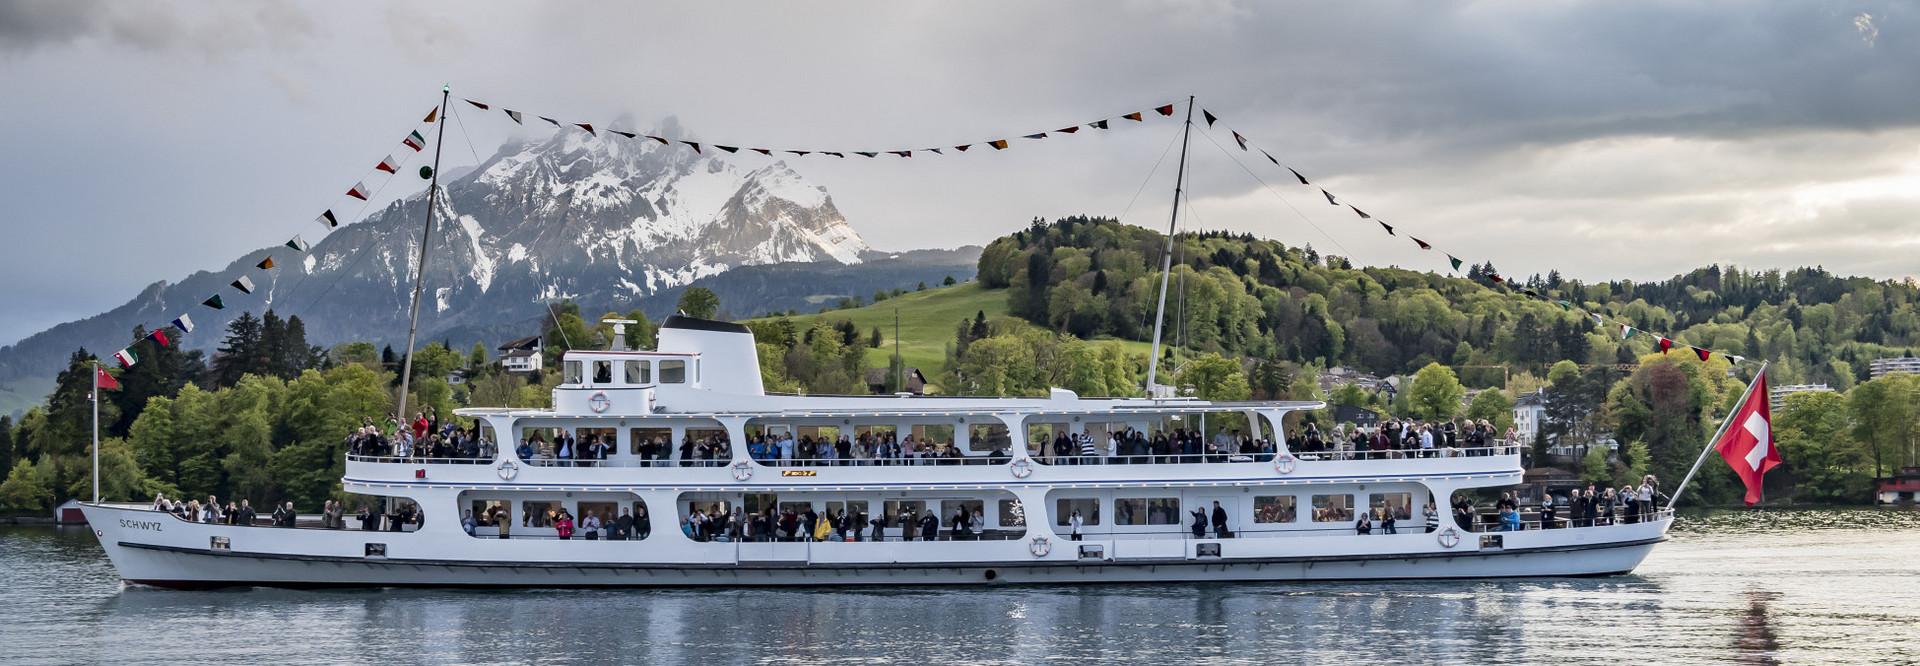 Private Feier auf einem fahrenden Schiff mit Festbeflaggung. Im Hintergrund ein gründer Hang sowie der Pilatus zu sehen.